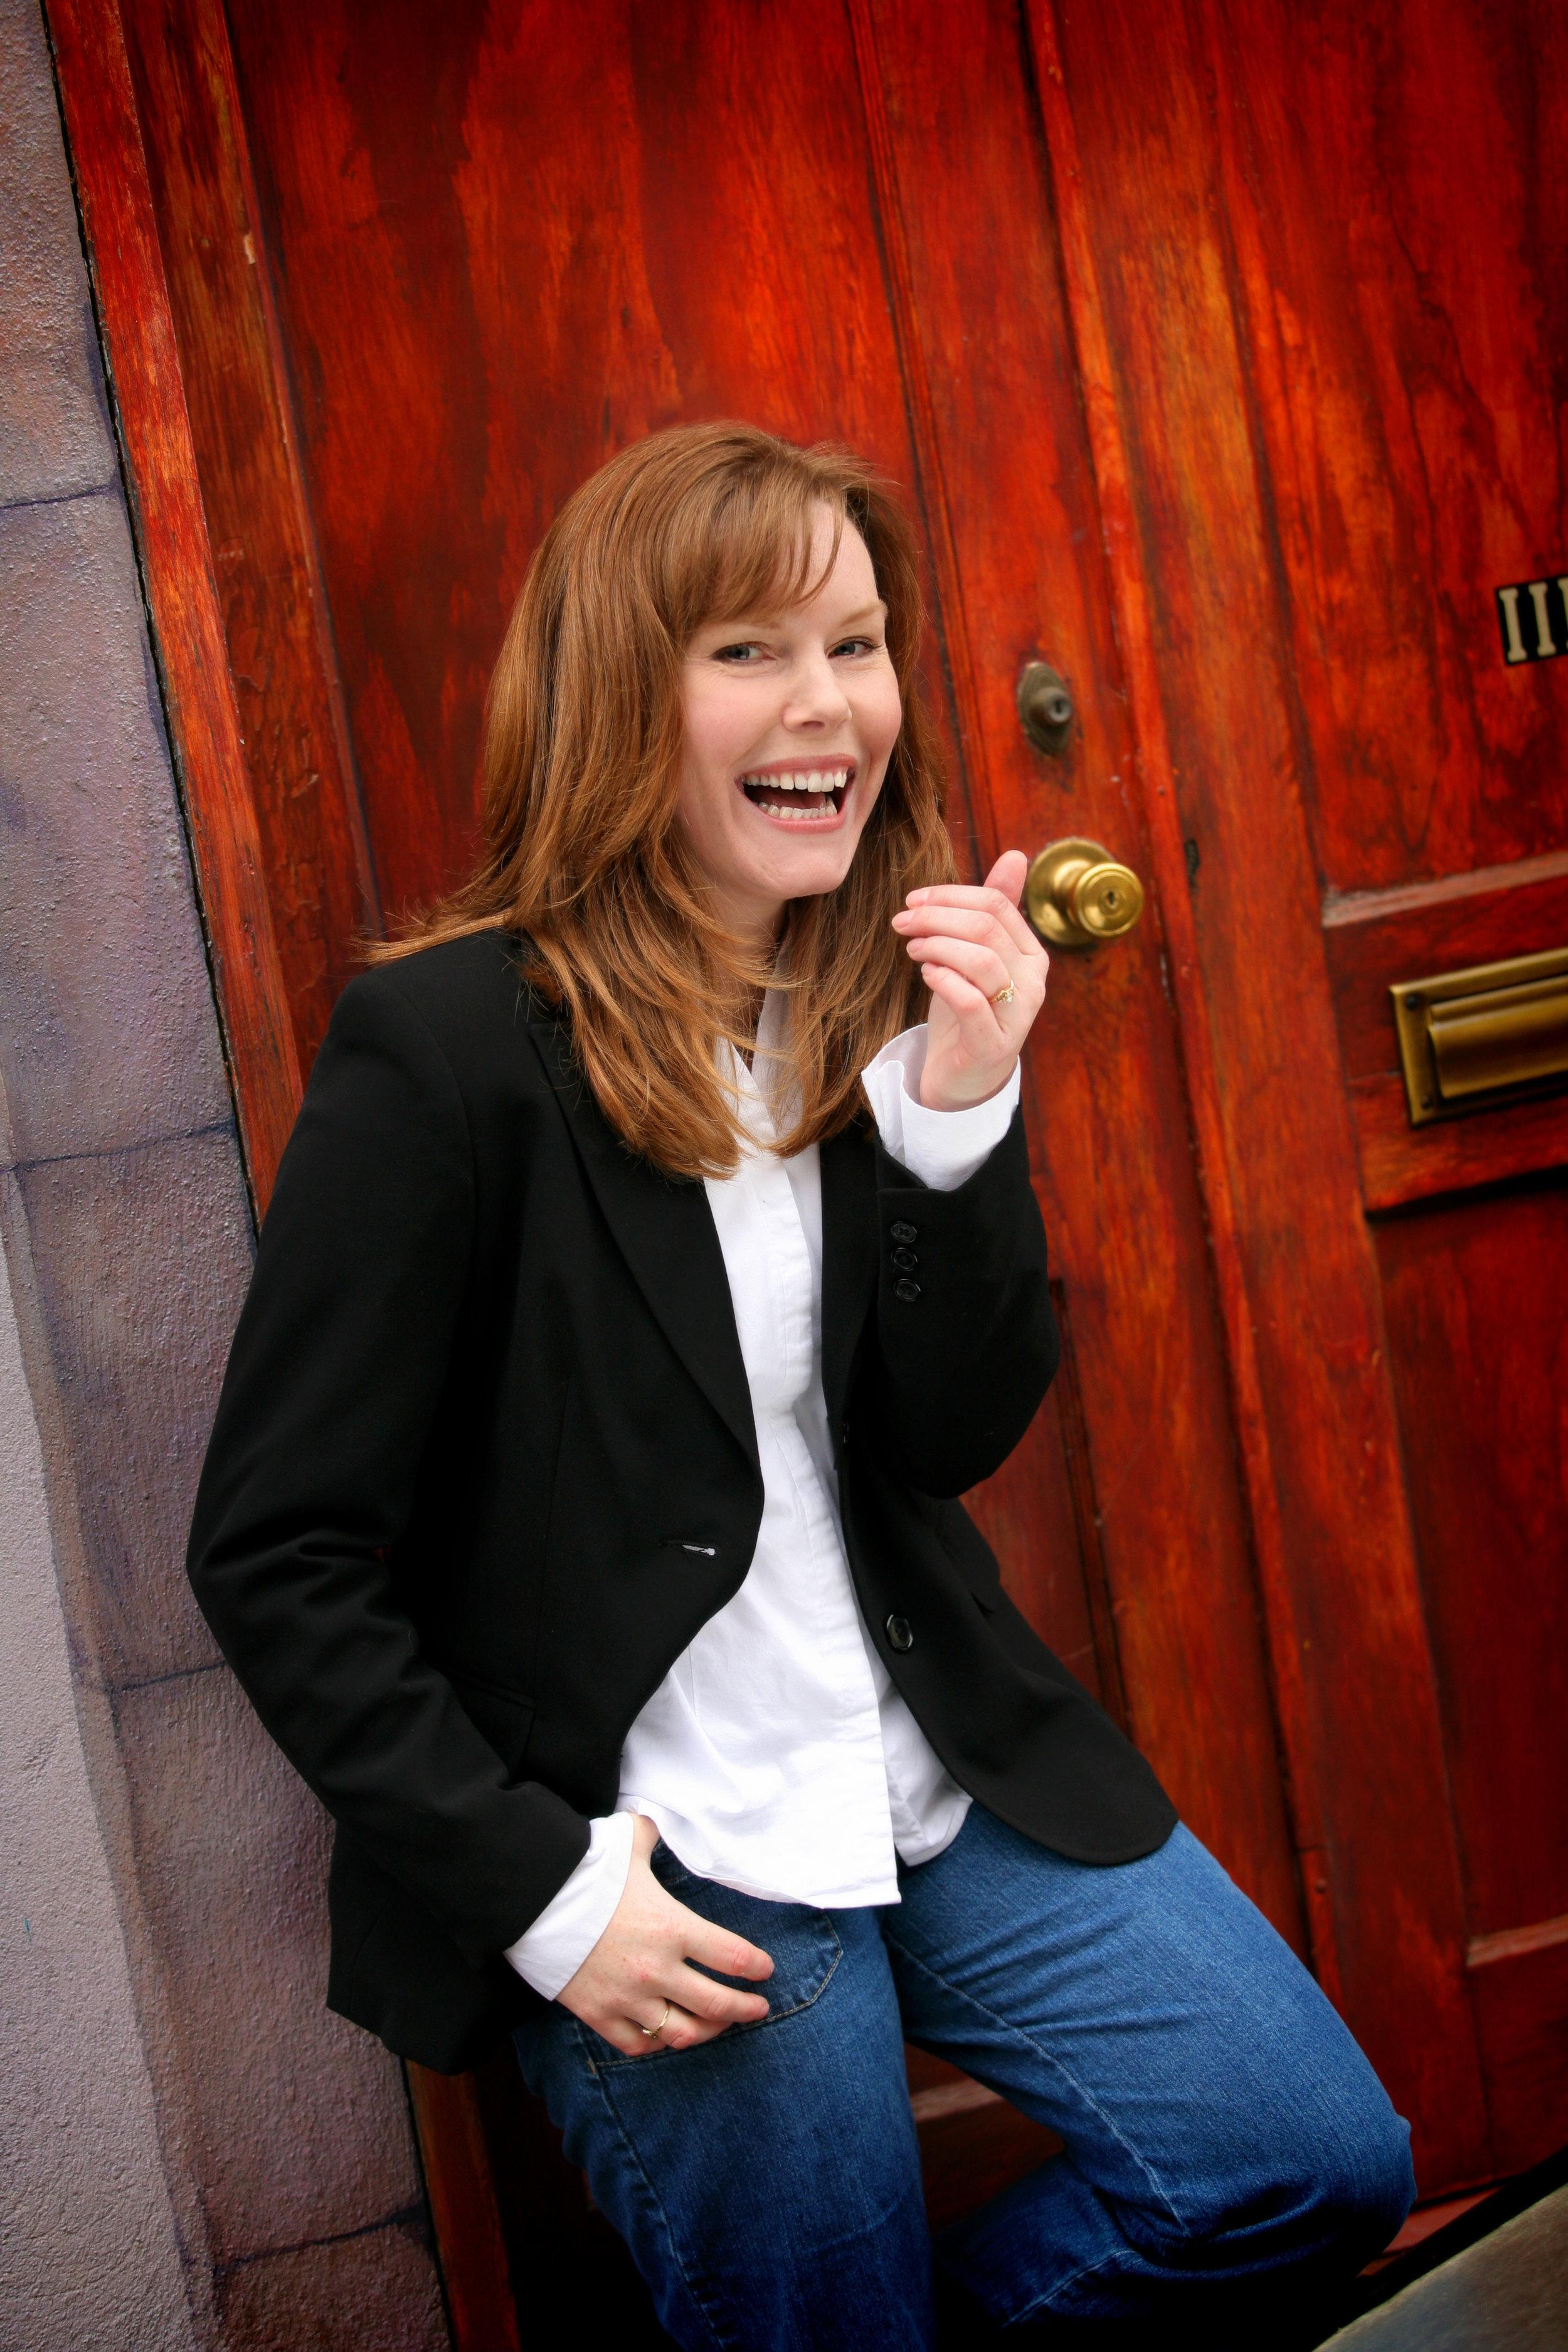 Mercedes Rose smiling in red doorway